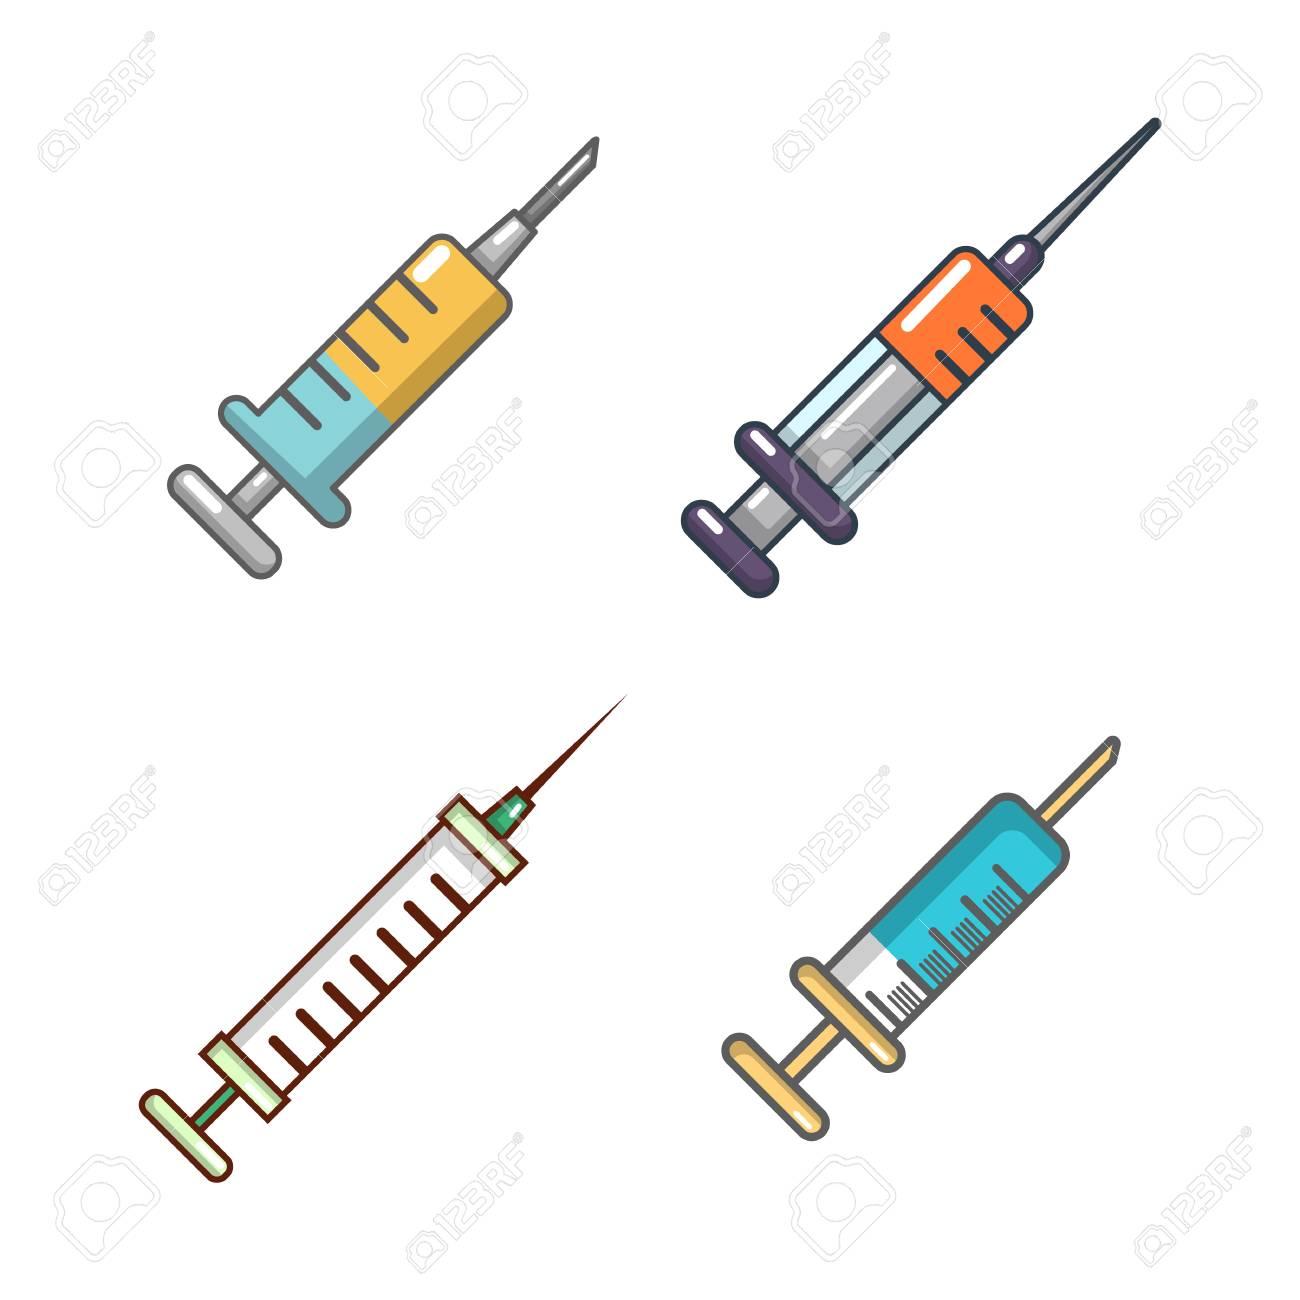 Syringe icon set, cartoon style - 97757334